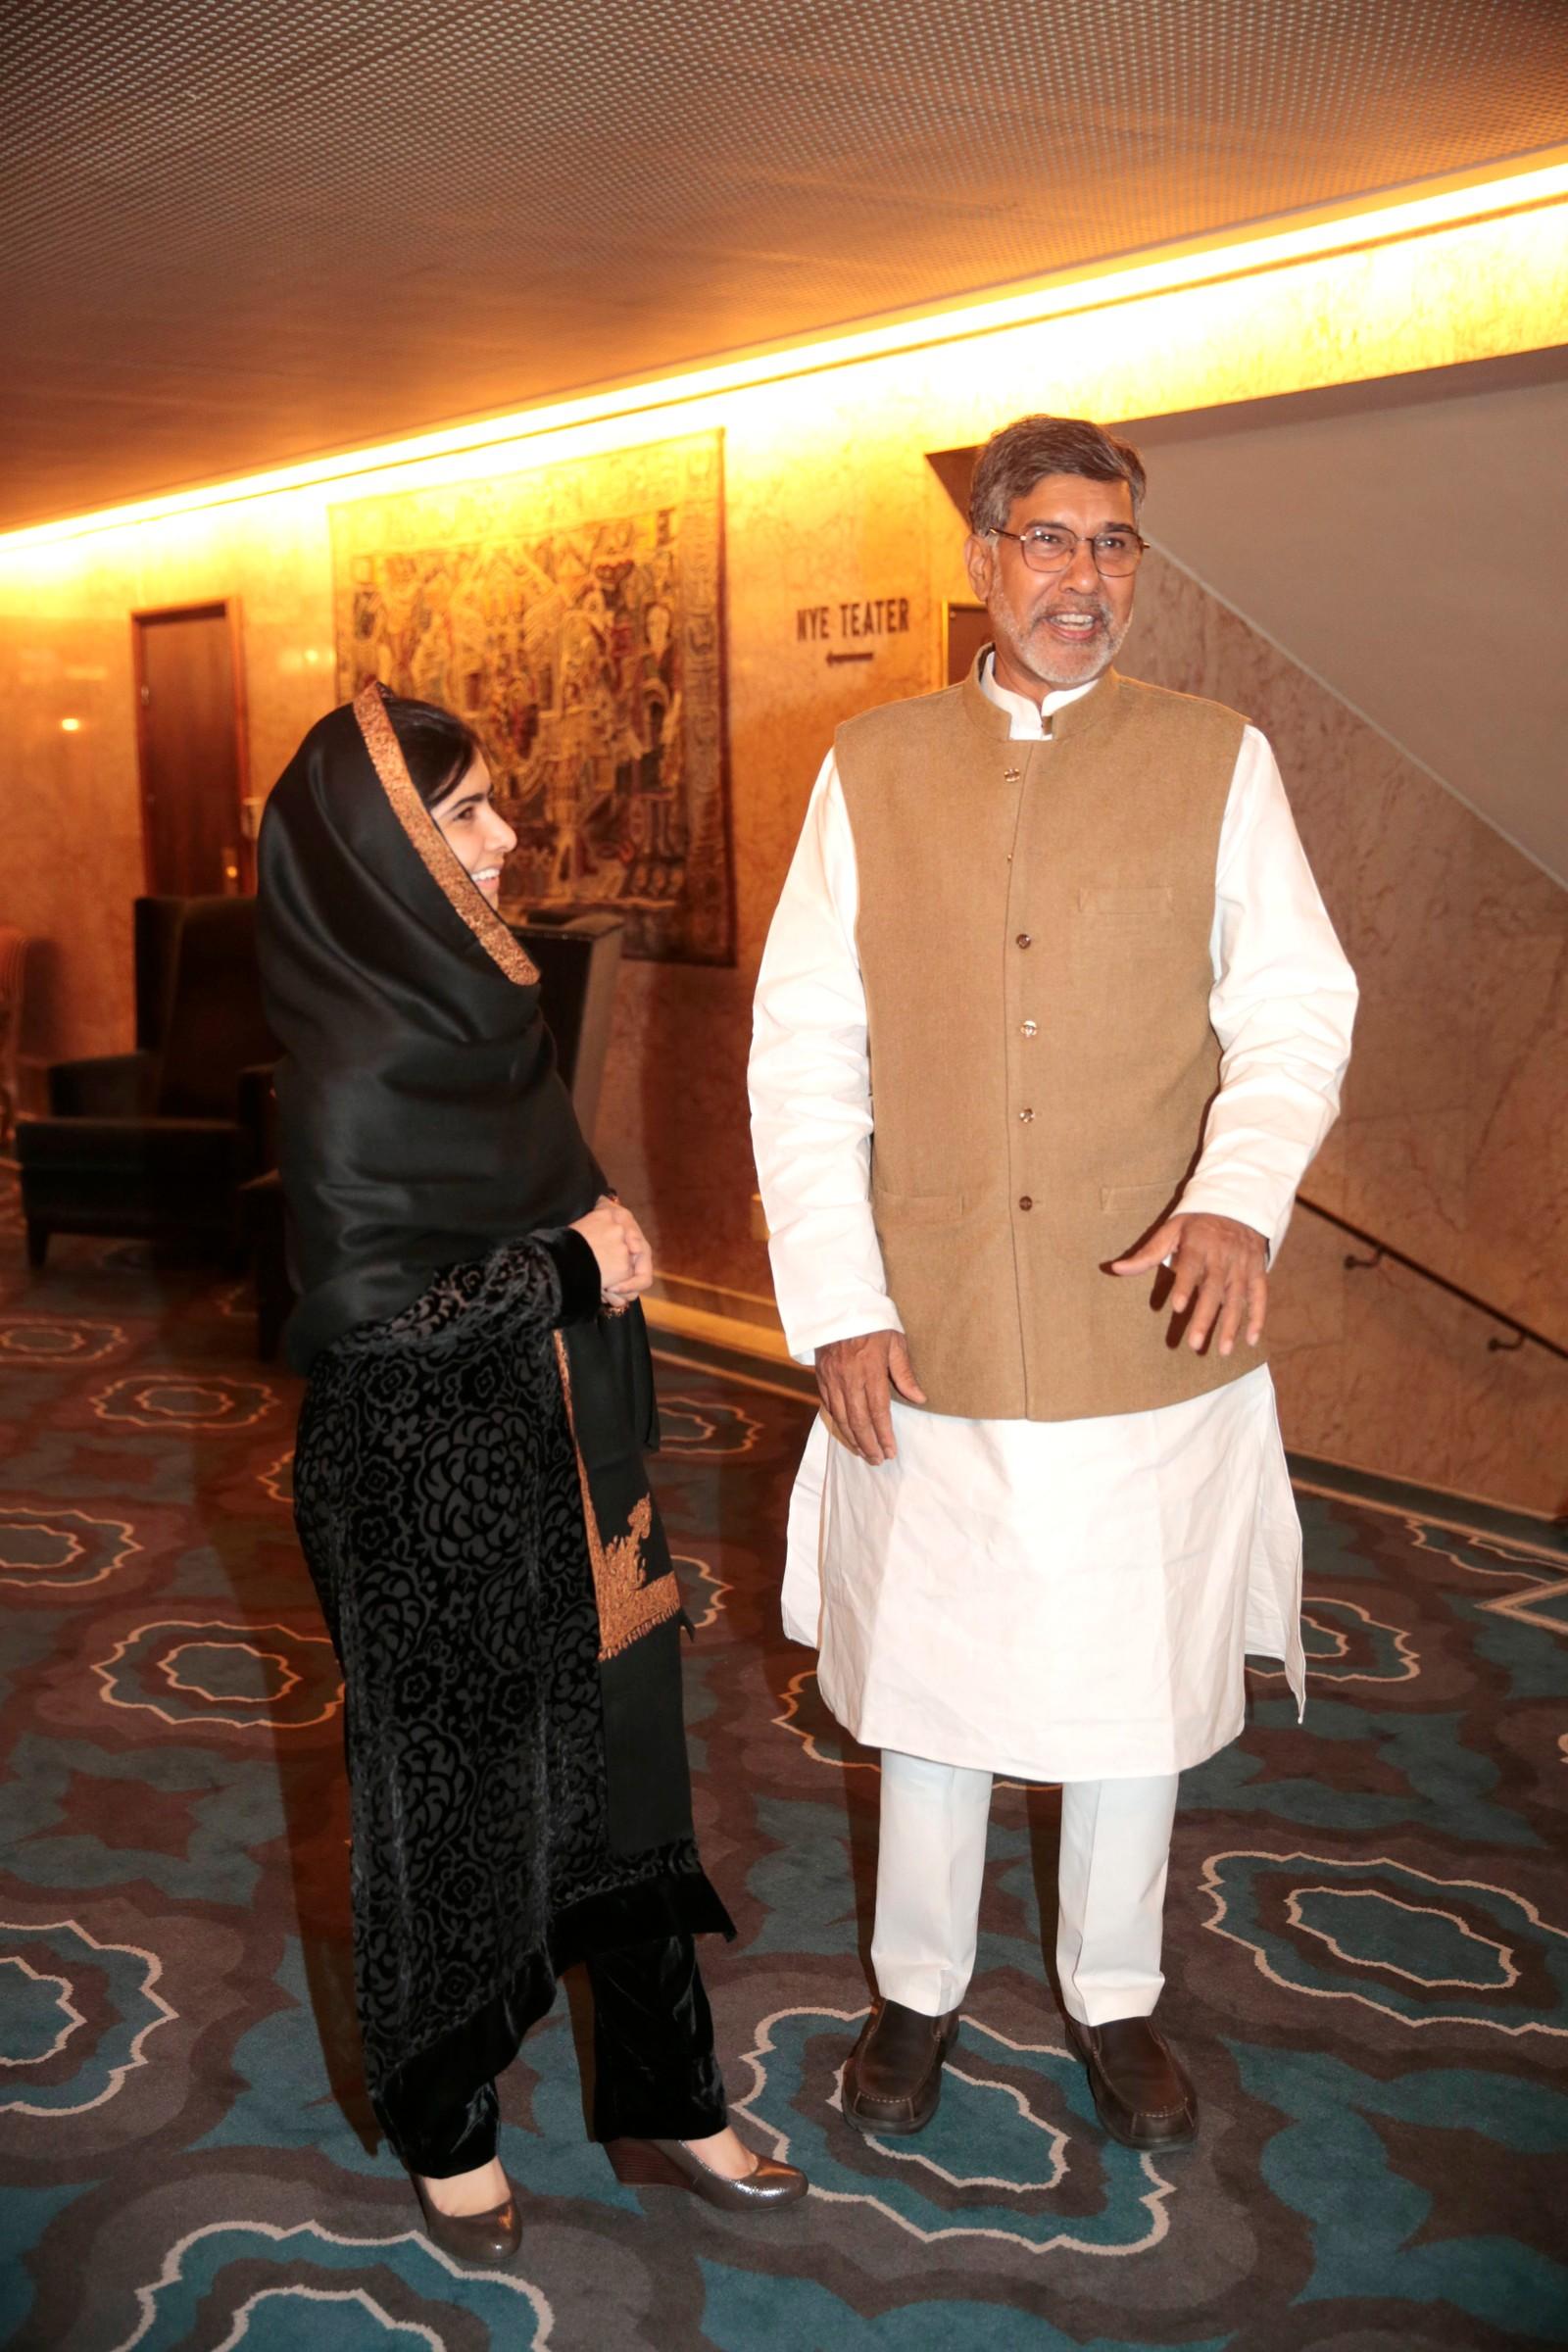 BANKETT: Malala Yousafzai og Kailash Satyarthi er klare for banketten på Grand Hotel onsdag kveld.